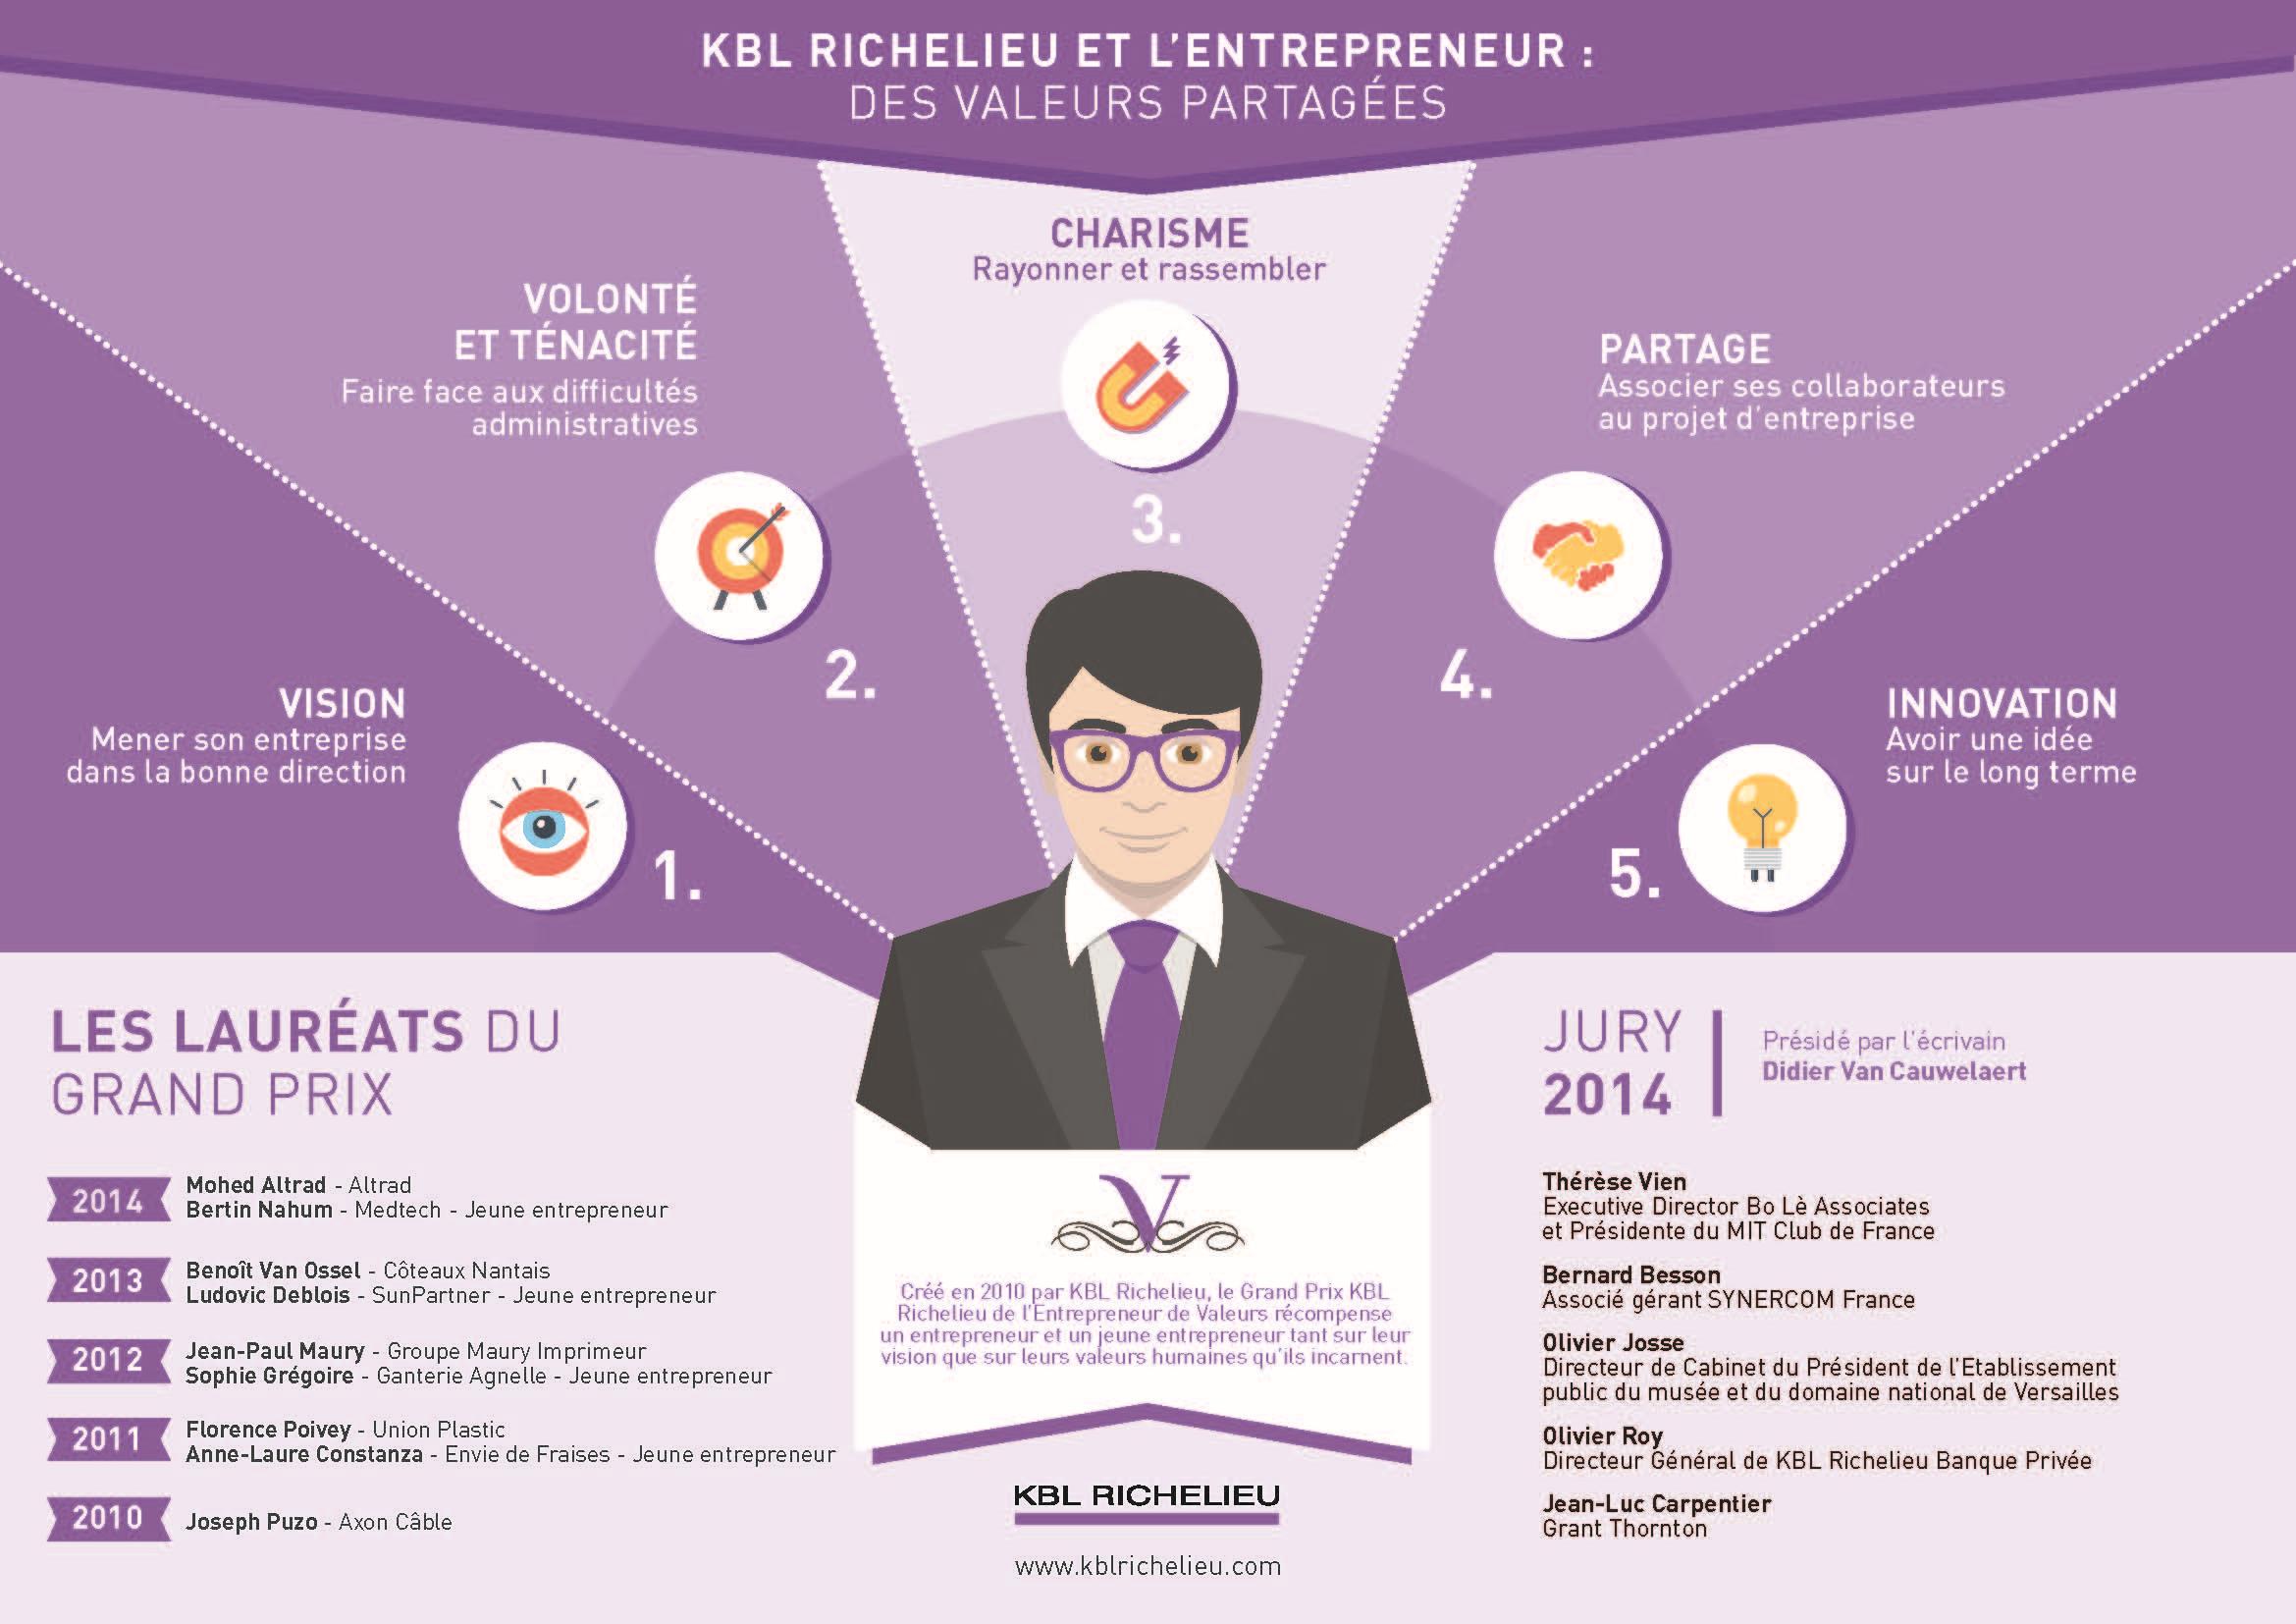 Les 5 valeurs d'un entrepreneur selon KBL Richelieu